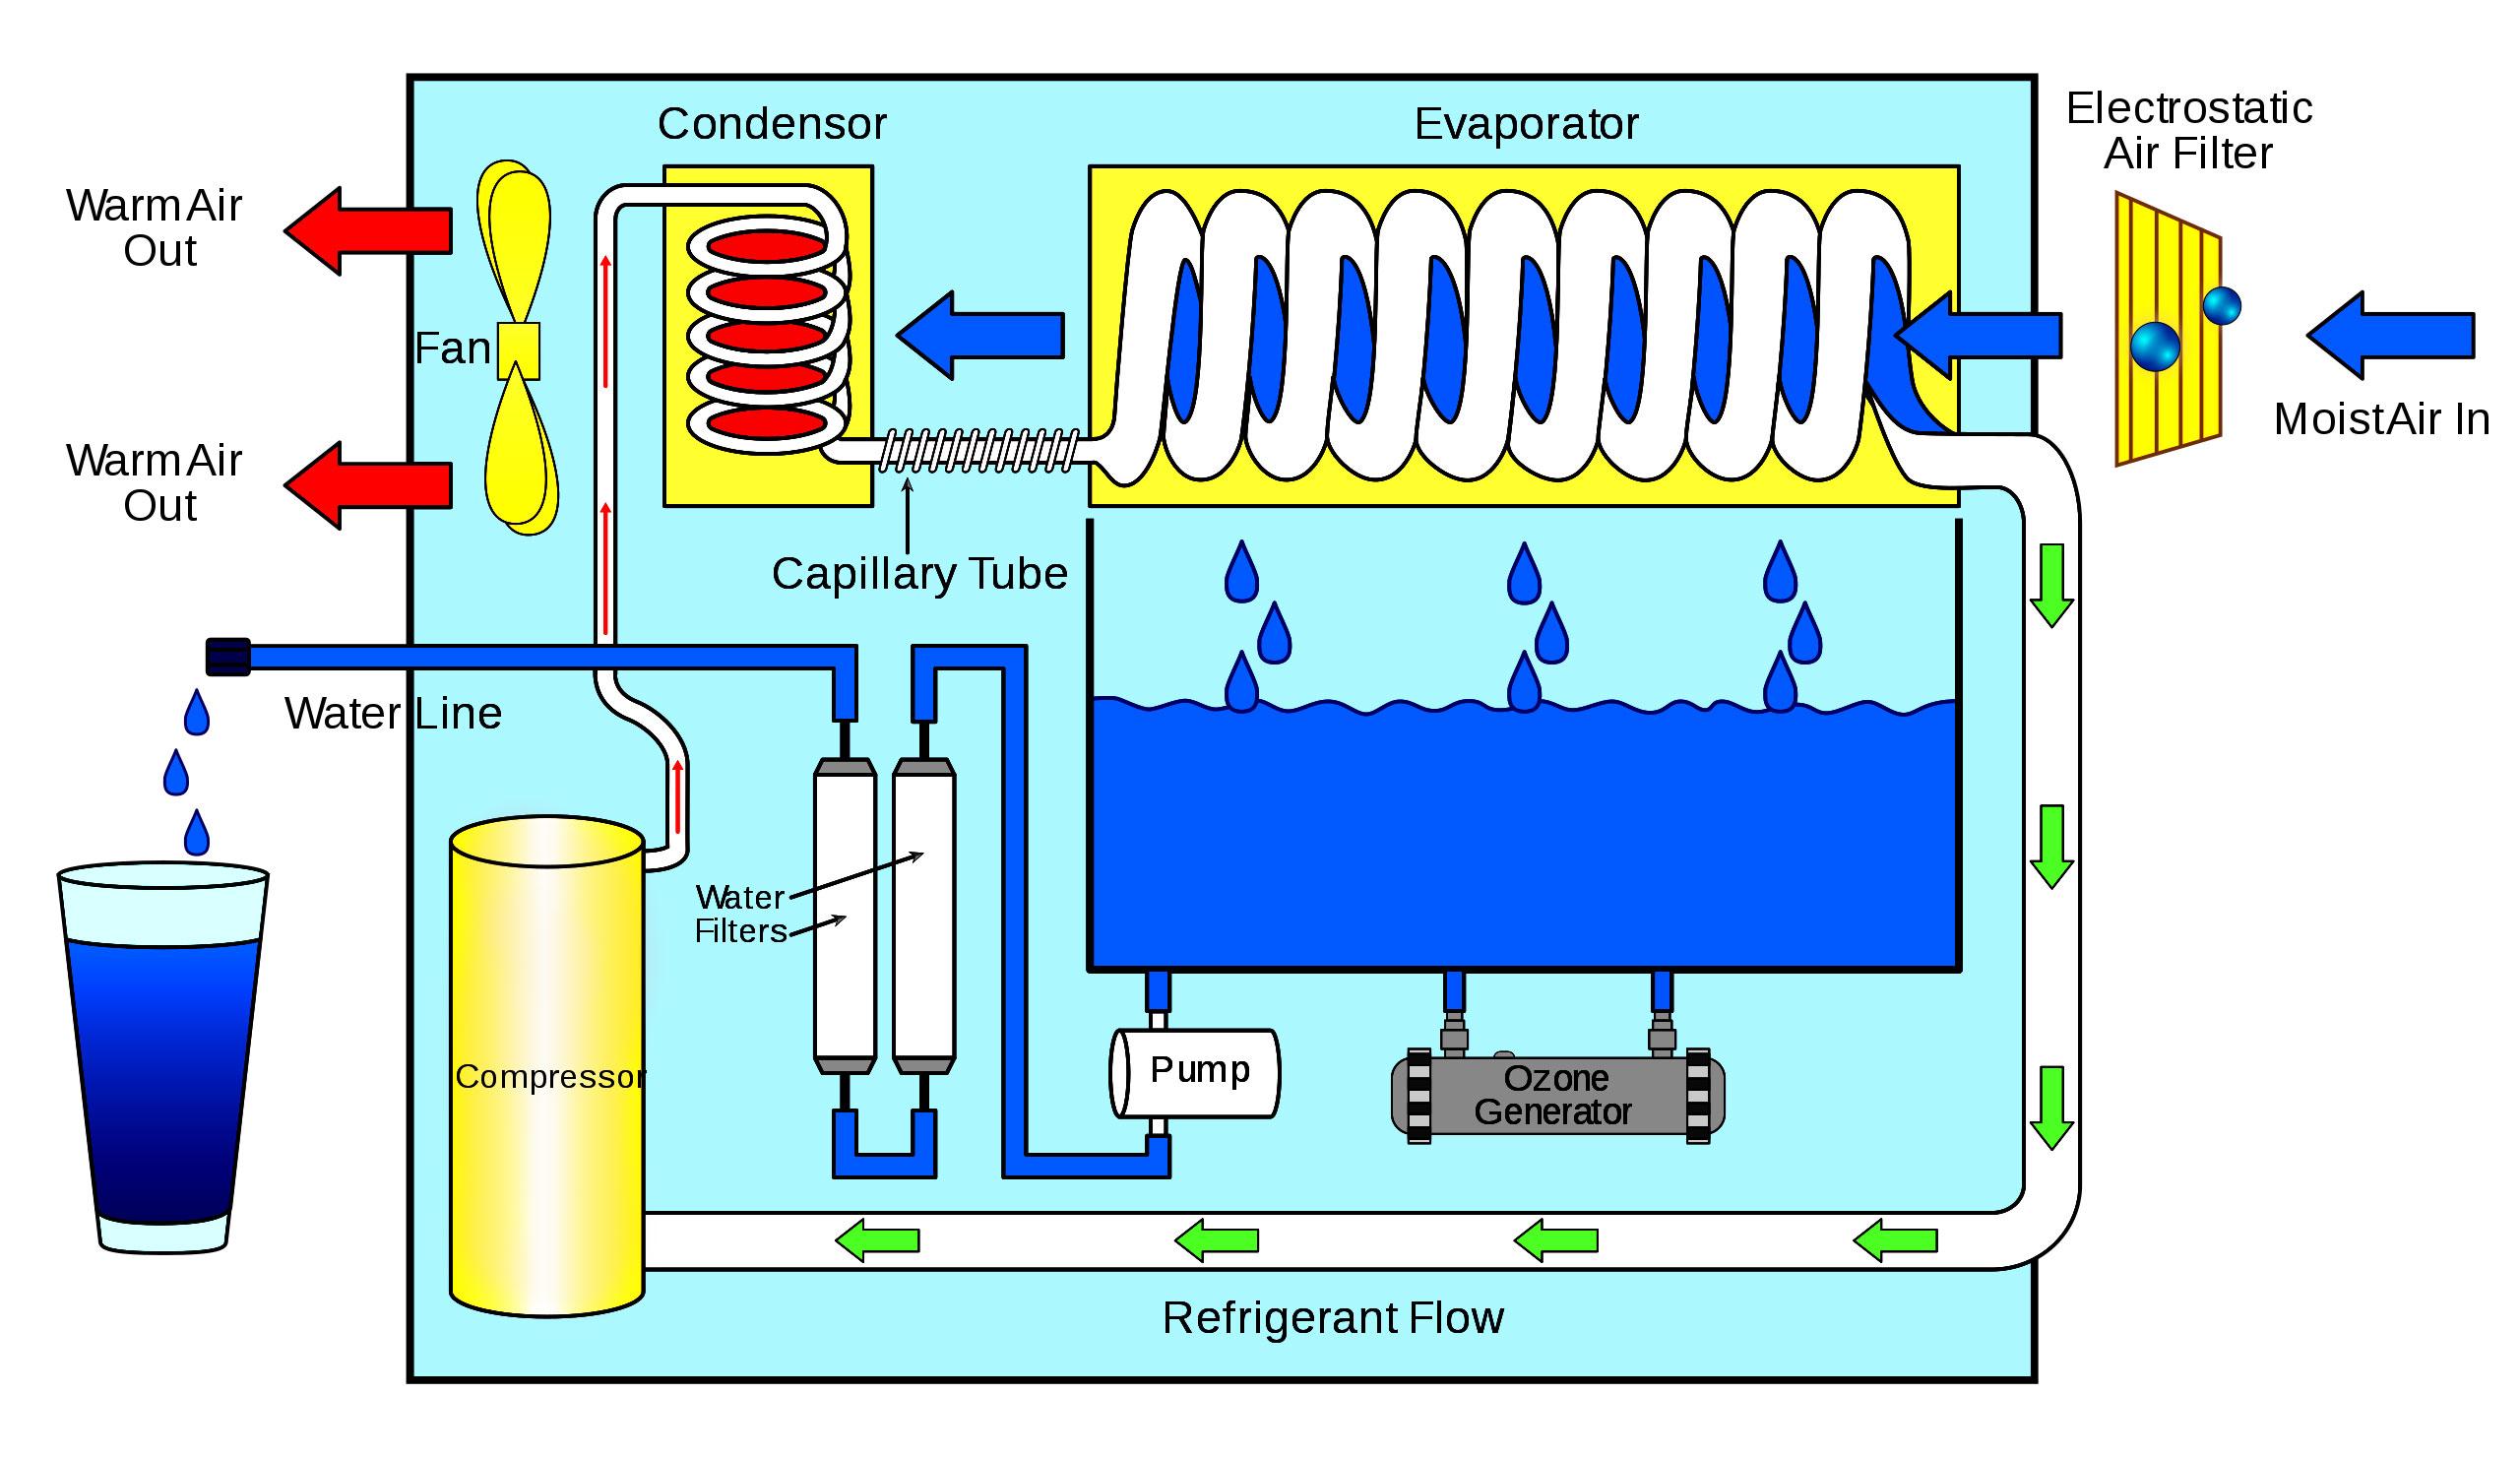 Sơ đồ công nghệ thu nước bằng cách giảm nhiệt độ điểm sương bằng máy nén lạnh